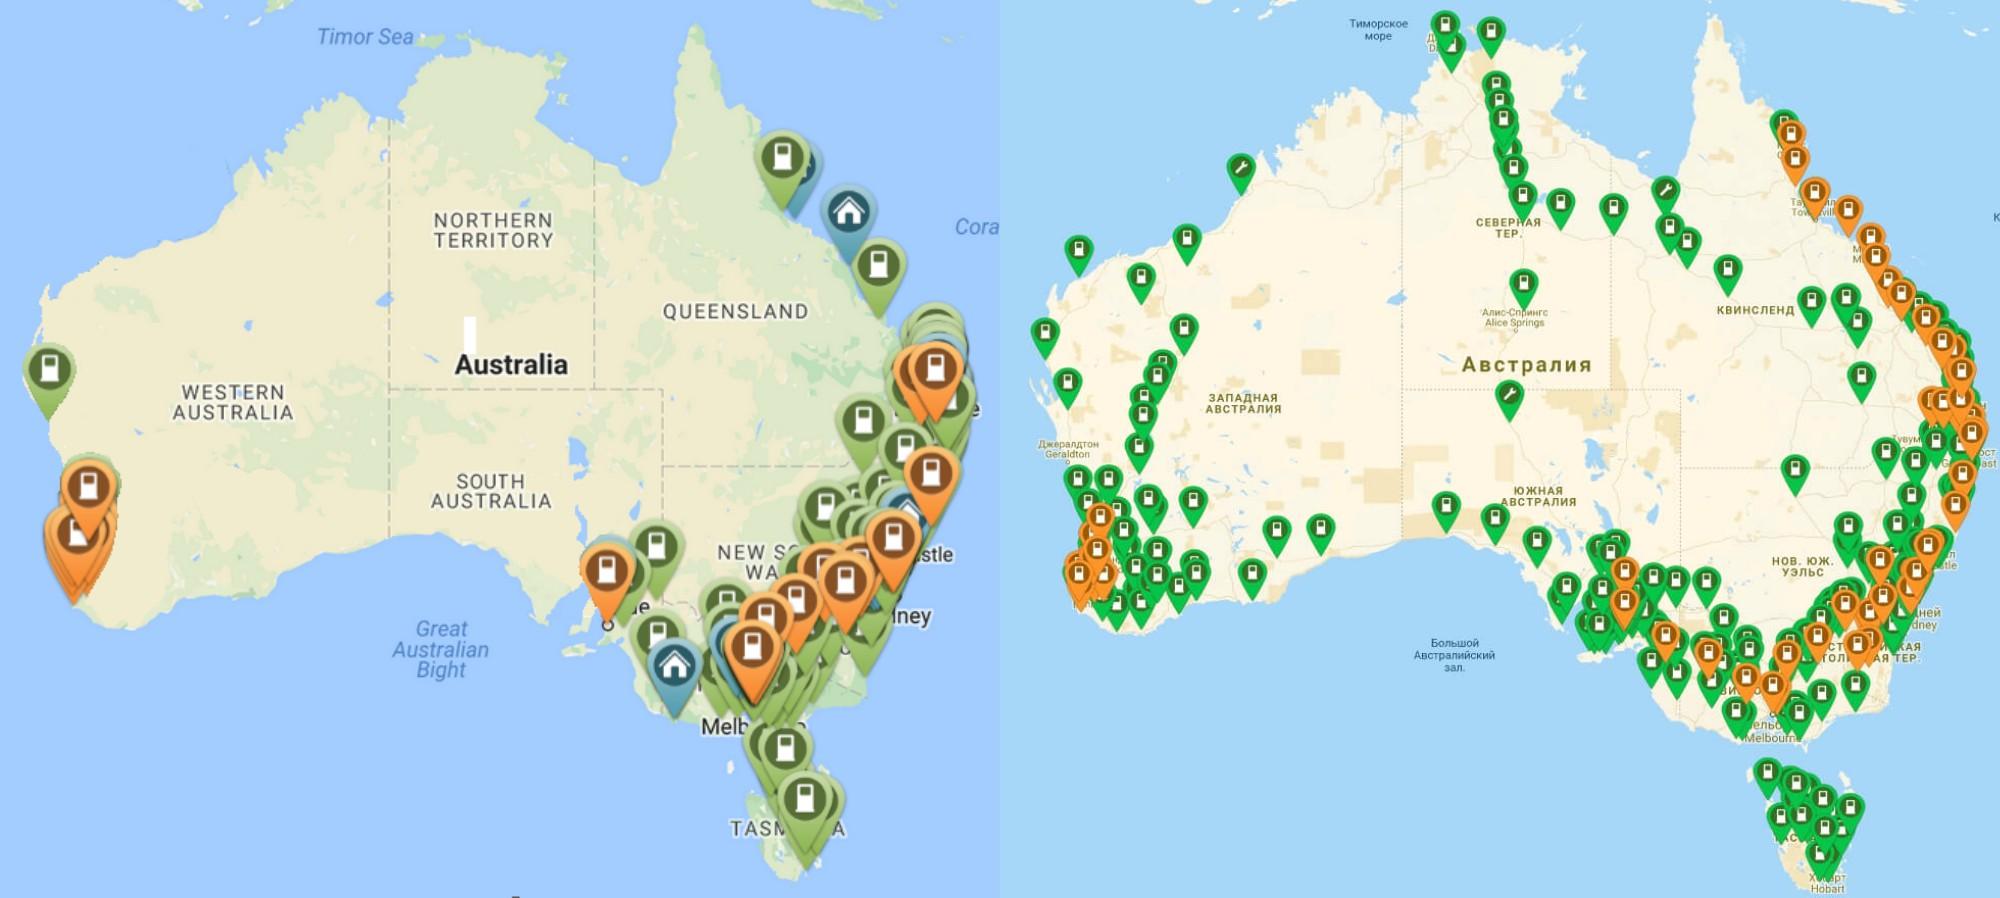 Сеть зарядных станций на 2016 и 2018 года в Австралии